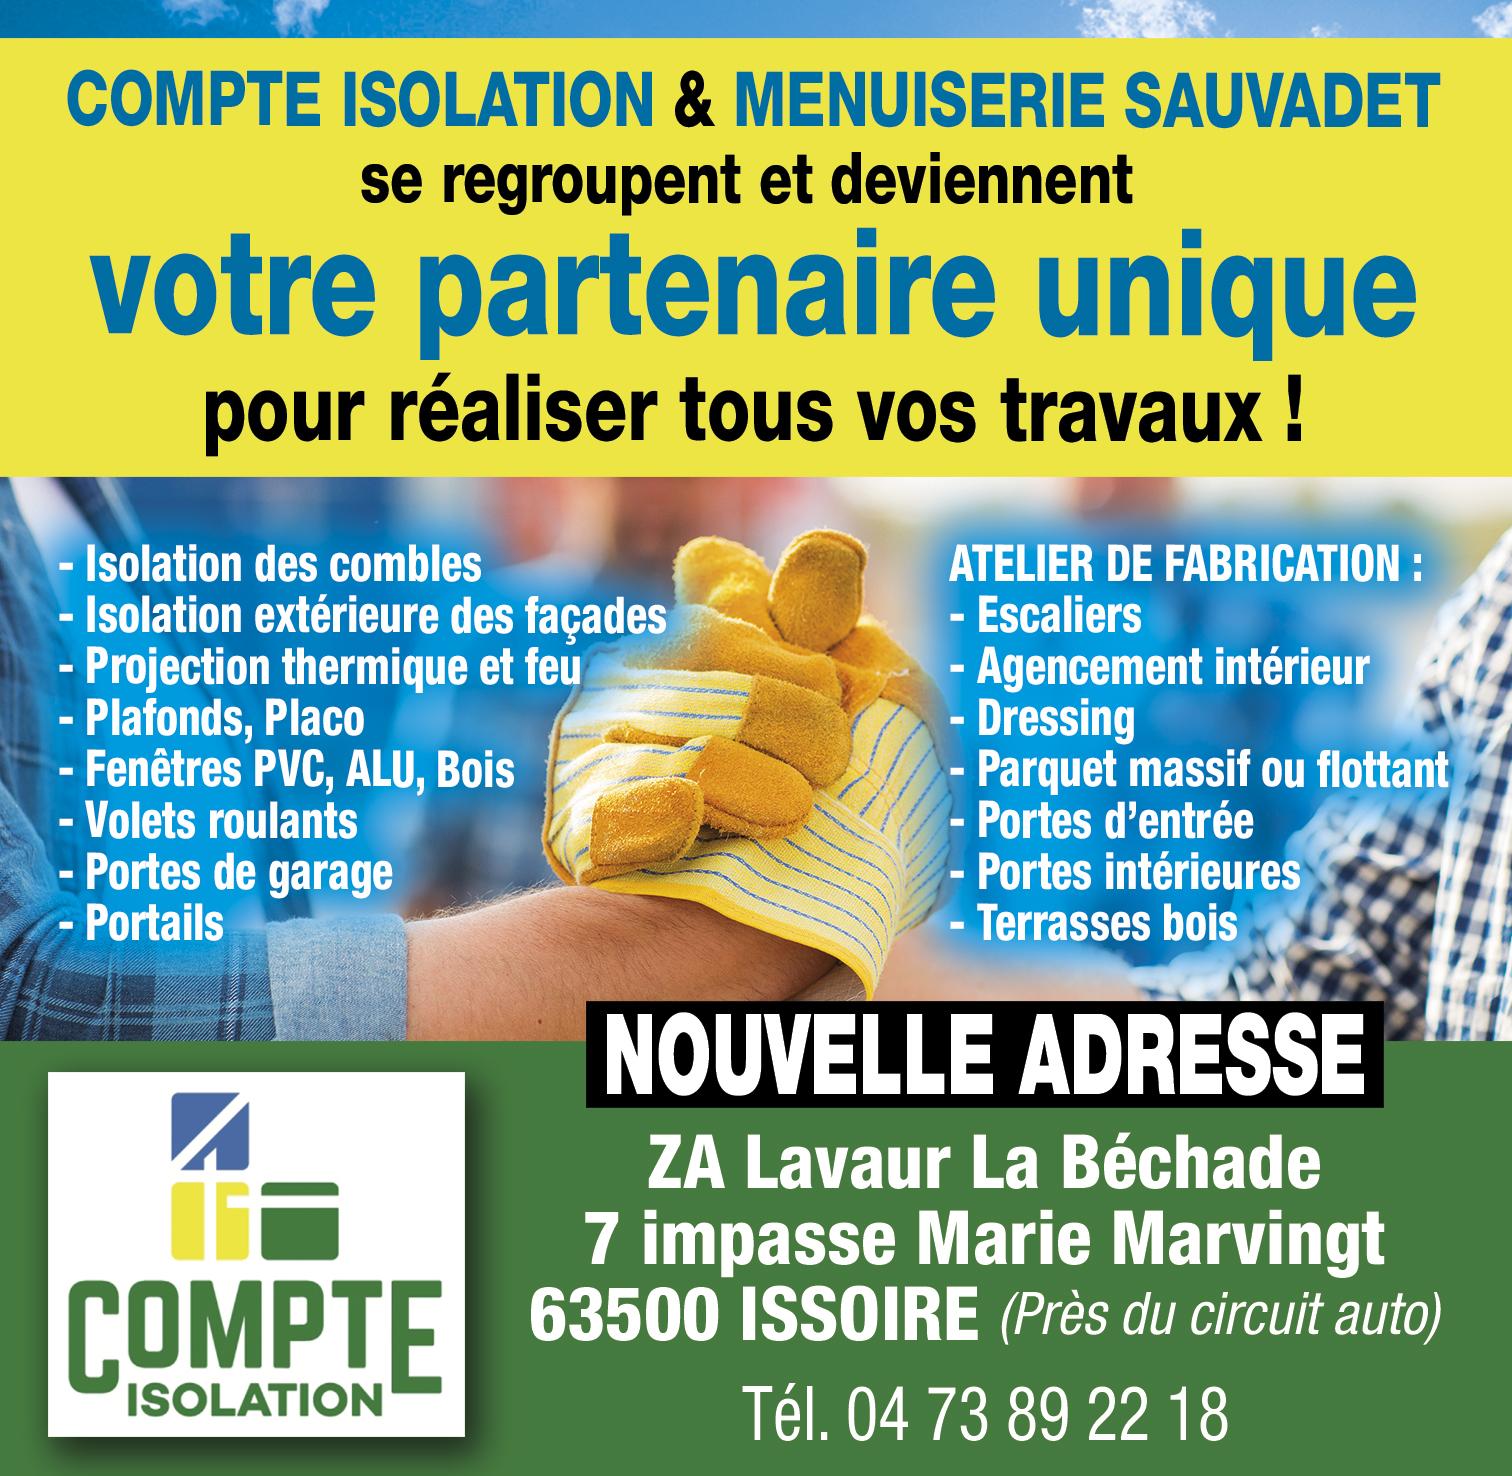 pub-generale-journal-coup-d-oeil-compte-isolation-128x128-mm-2015_issoi_n53_s29